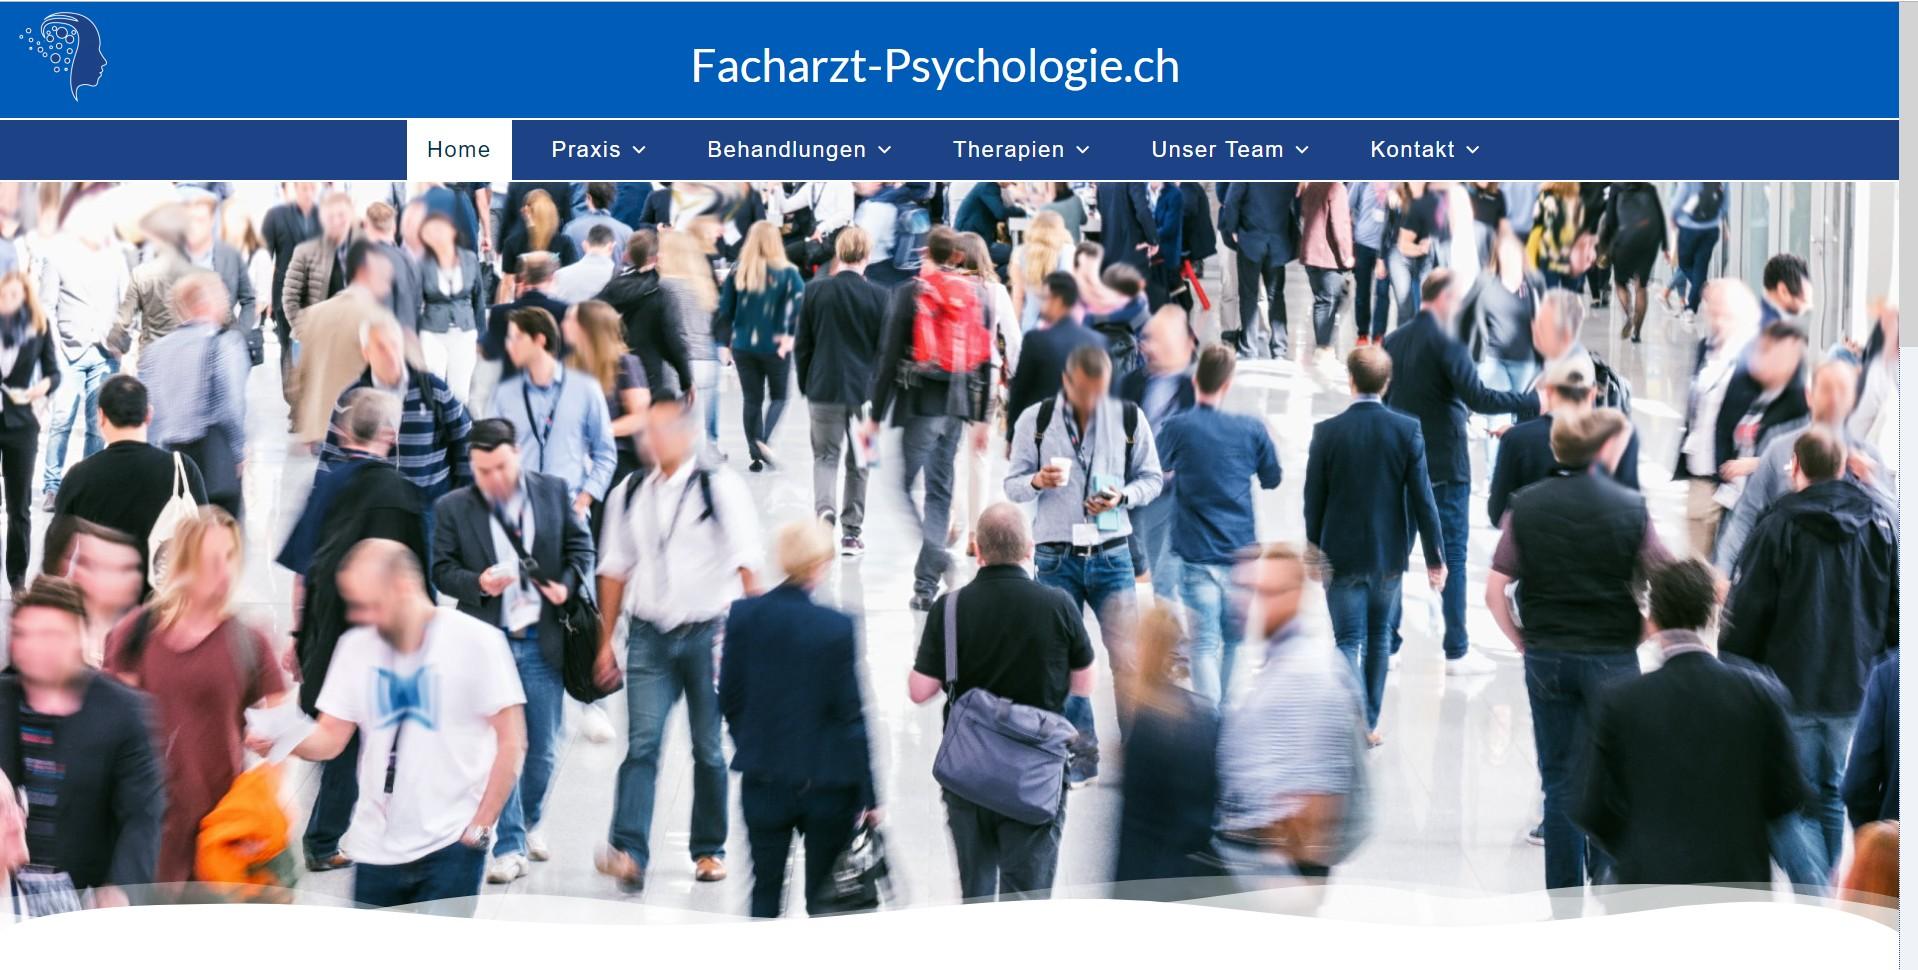 Facharzt-Psychologie.ch